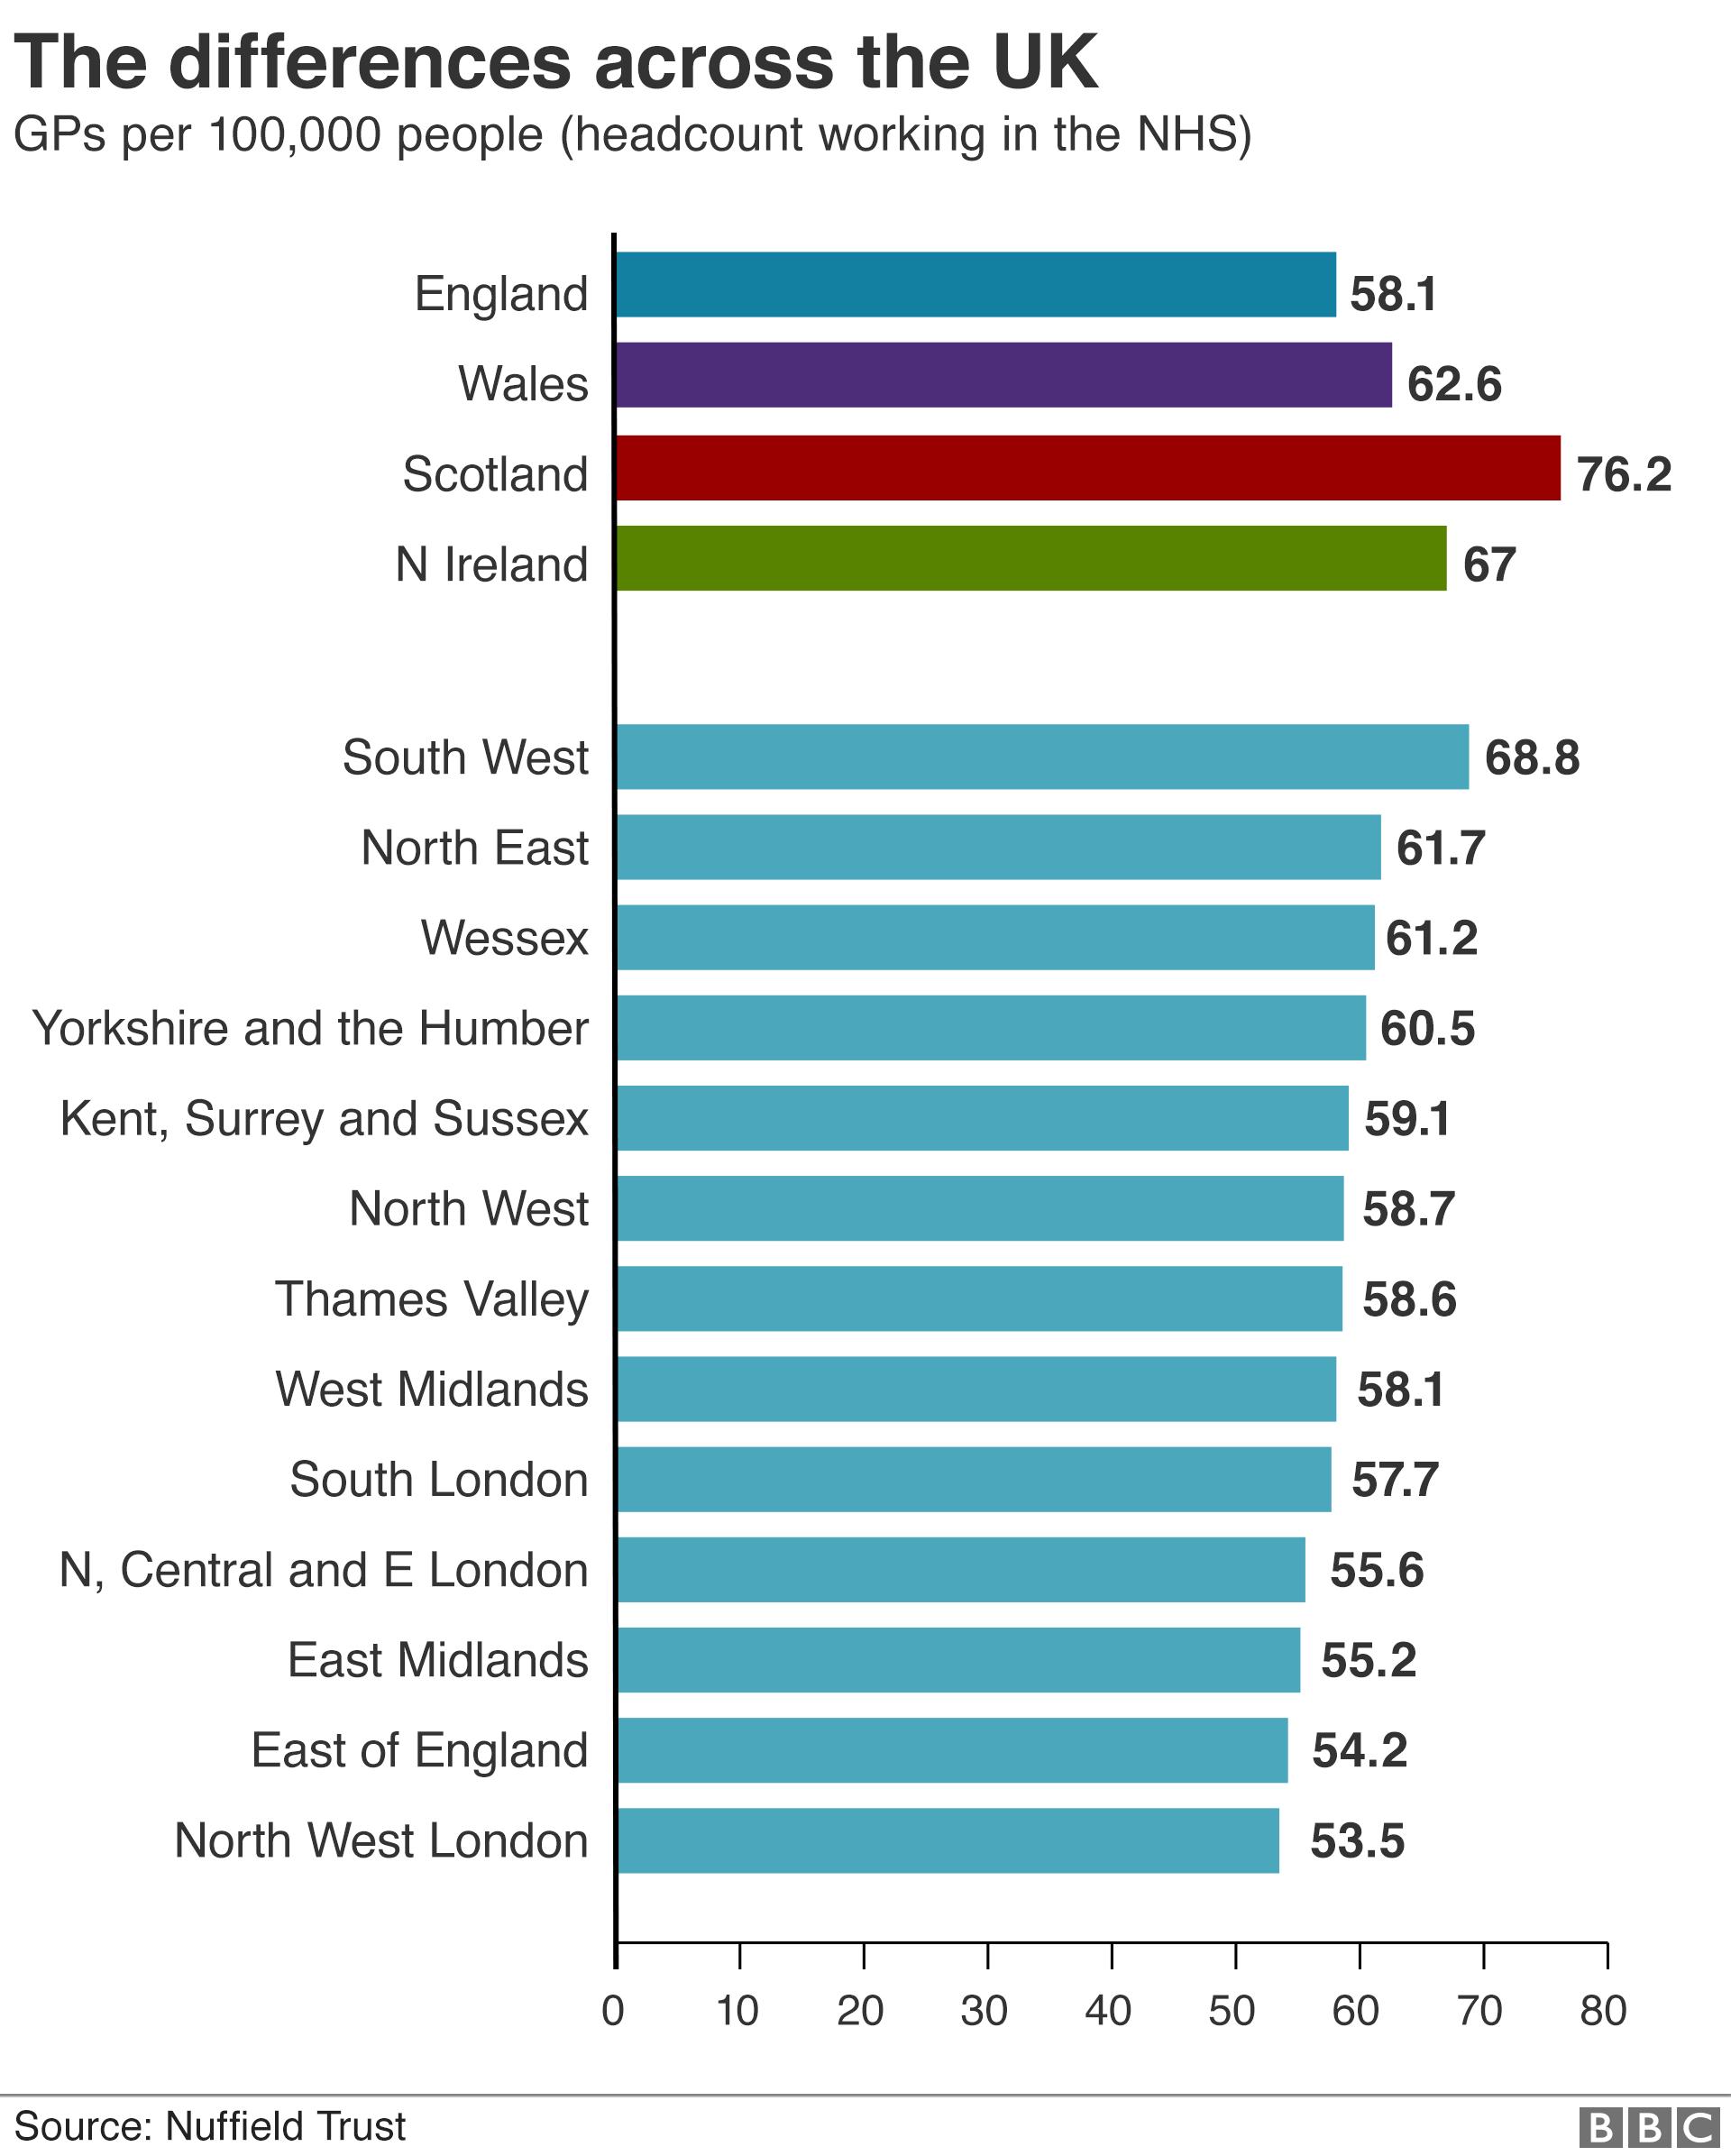 GP numbers by UK region